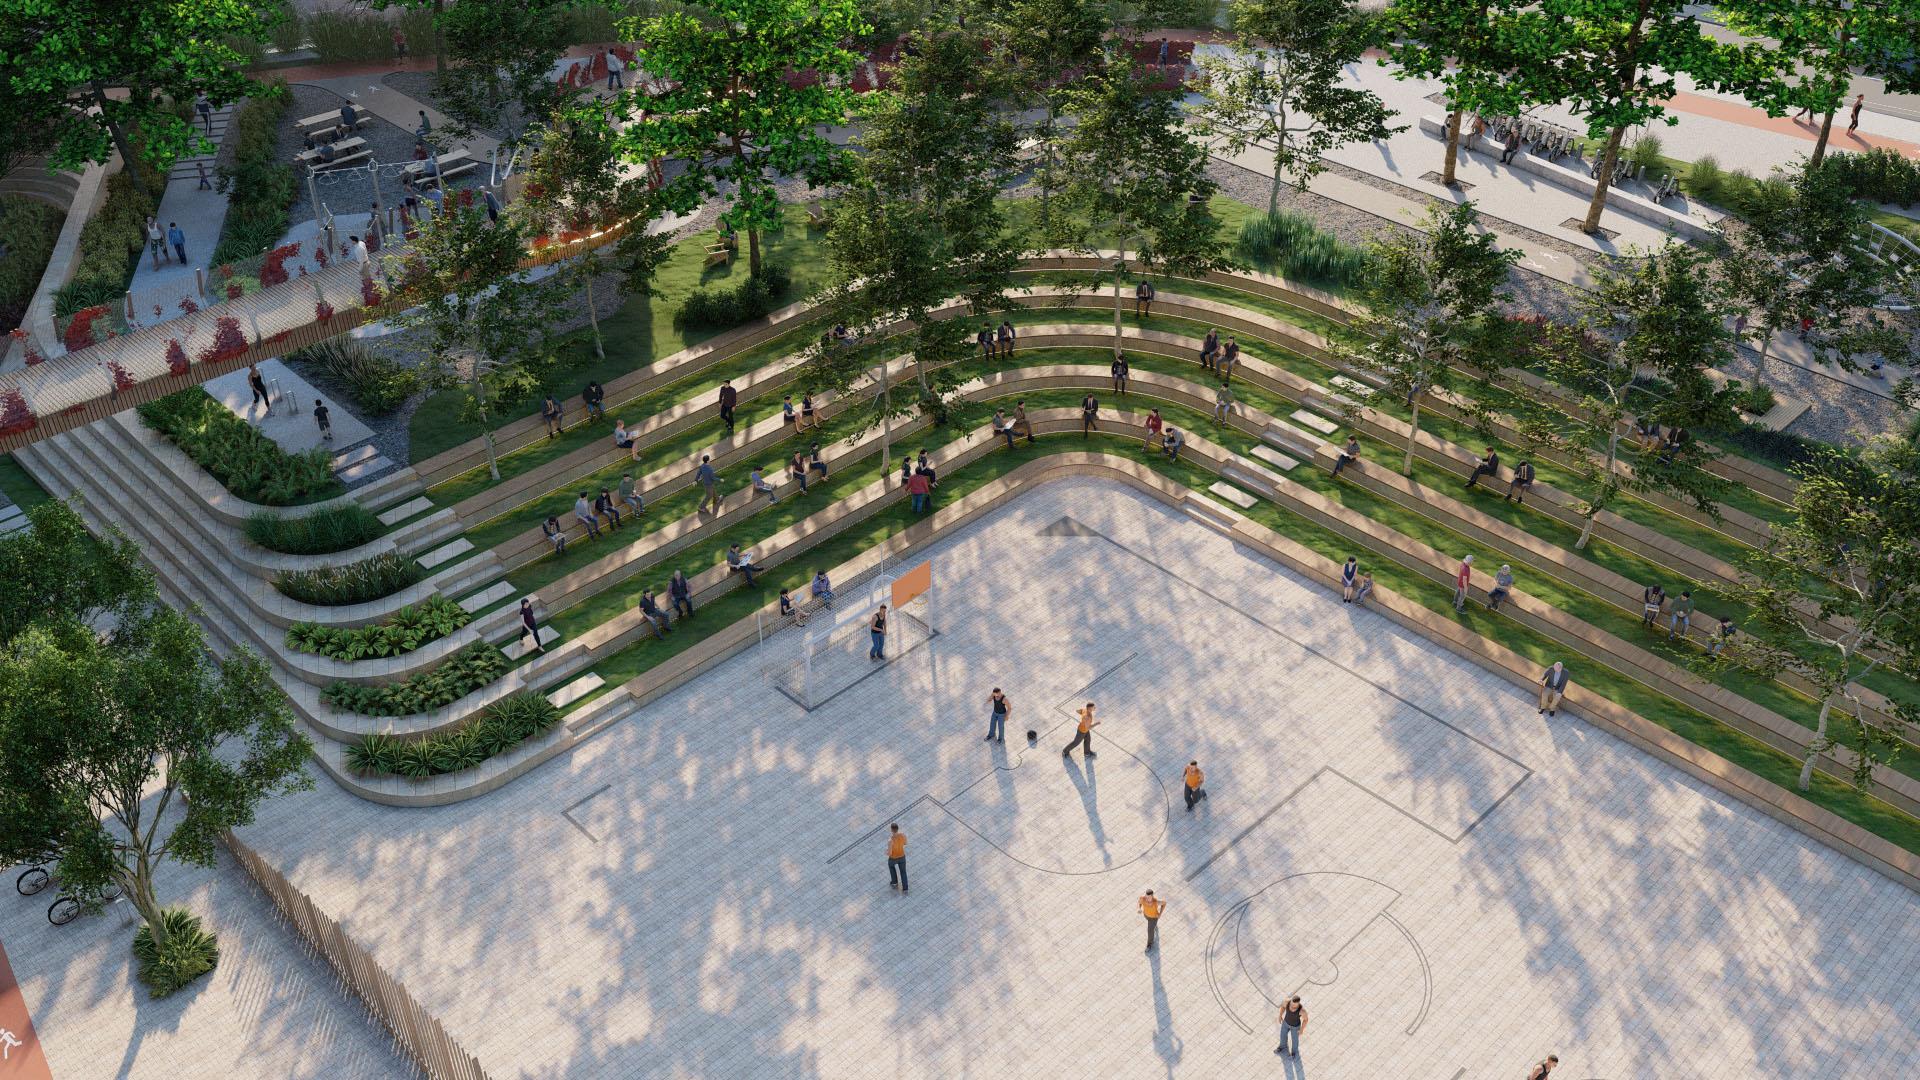 Çim Amfiye Bakan Aerial Görüntü